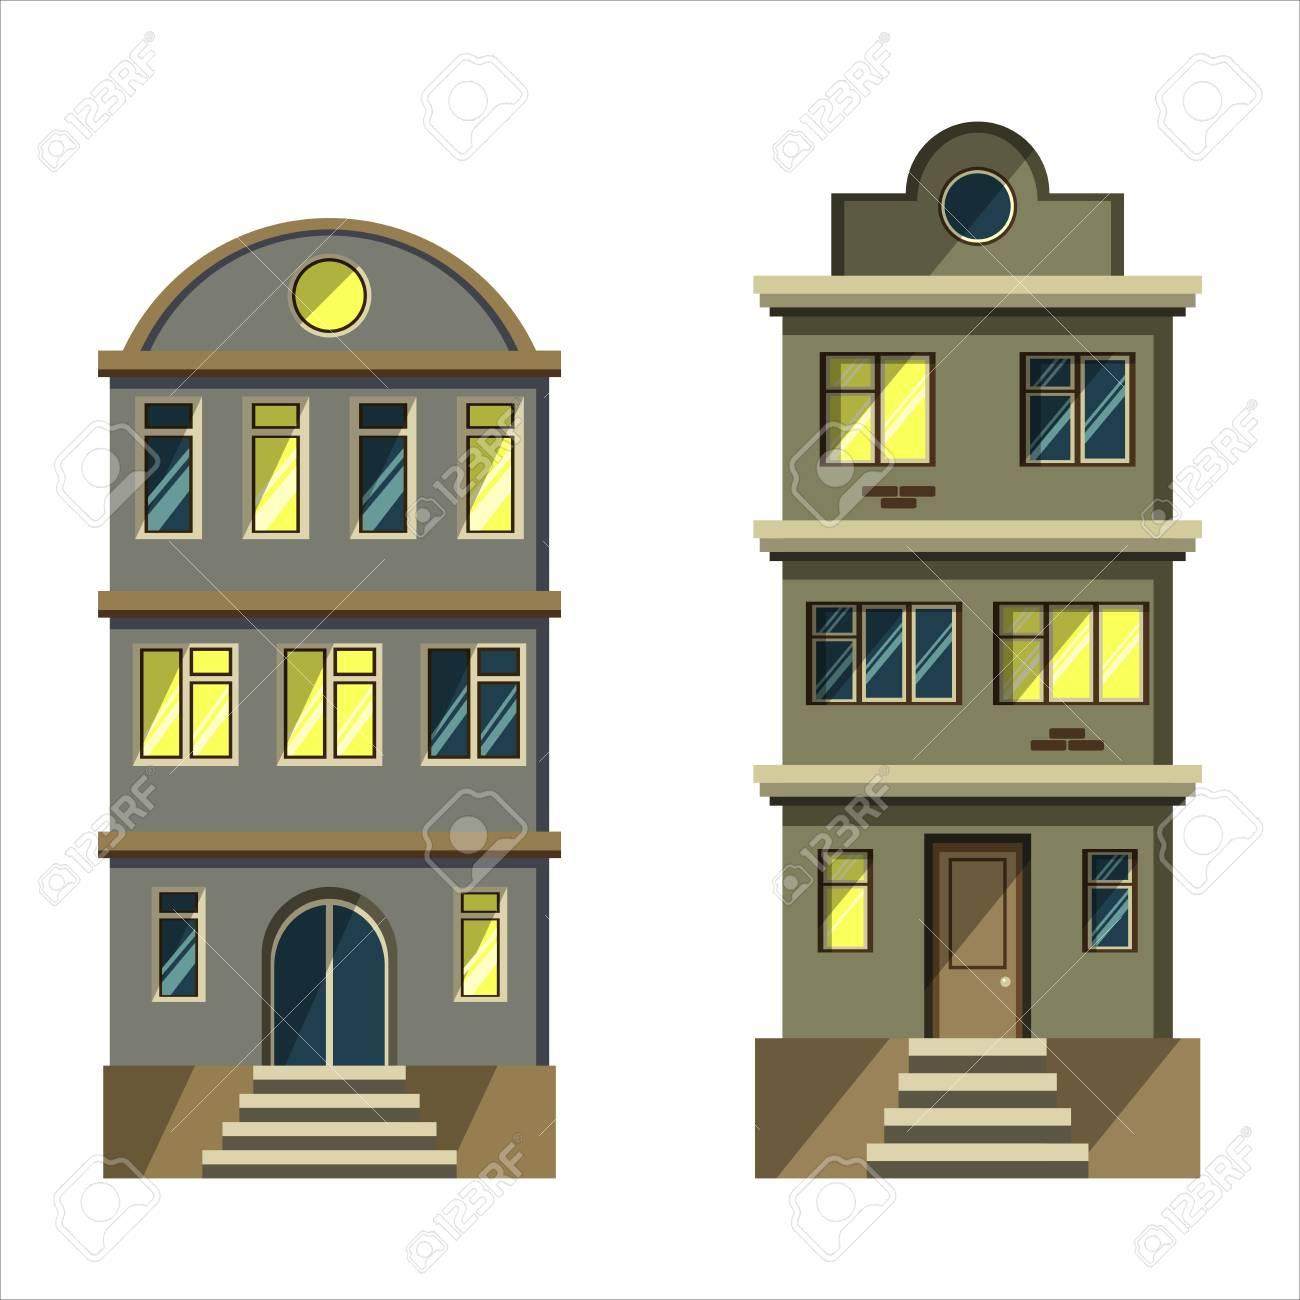 Définir Les Immeubles Du0027appartements De La Ville. Architecture Et Design  Plat. Isolé